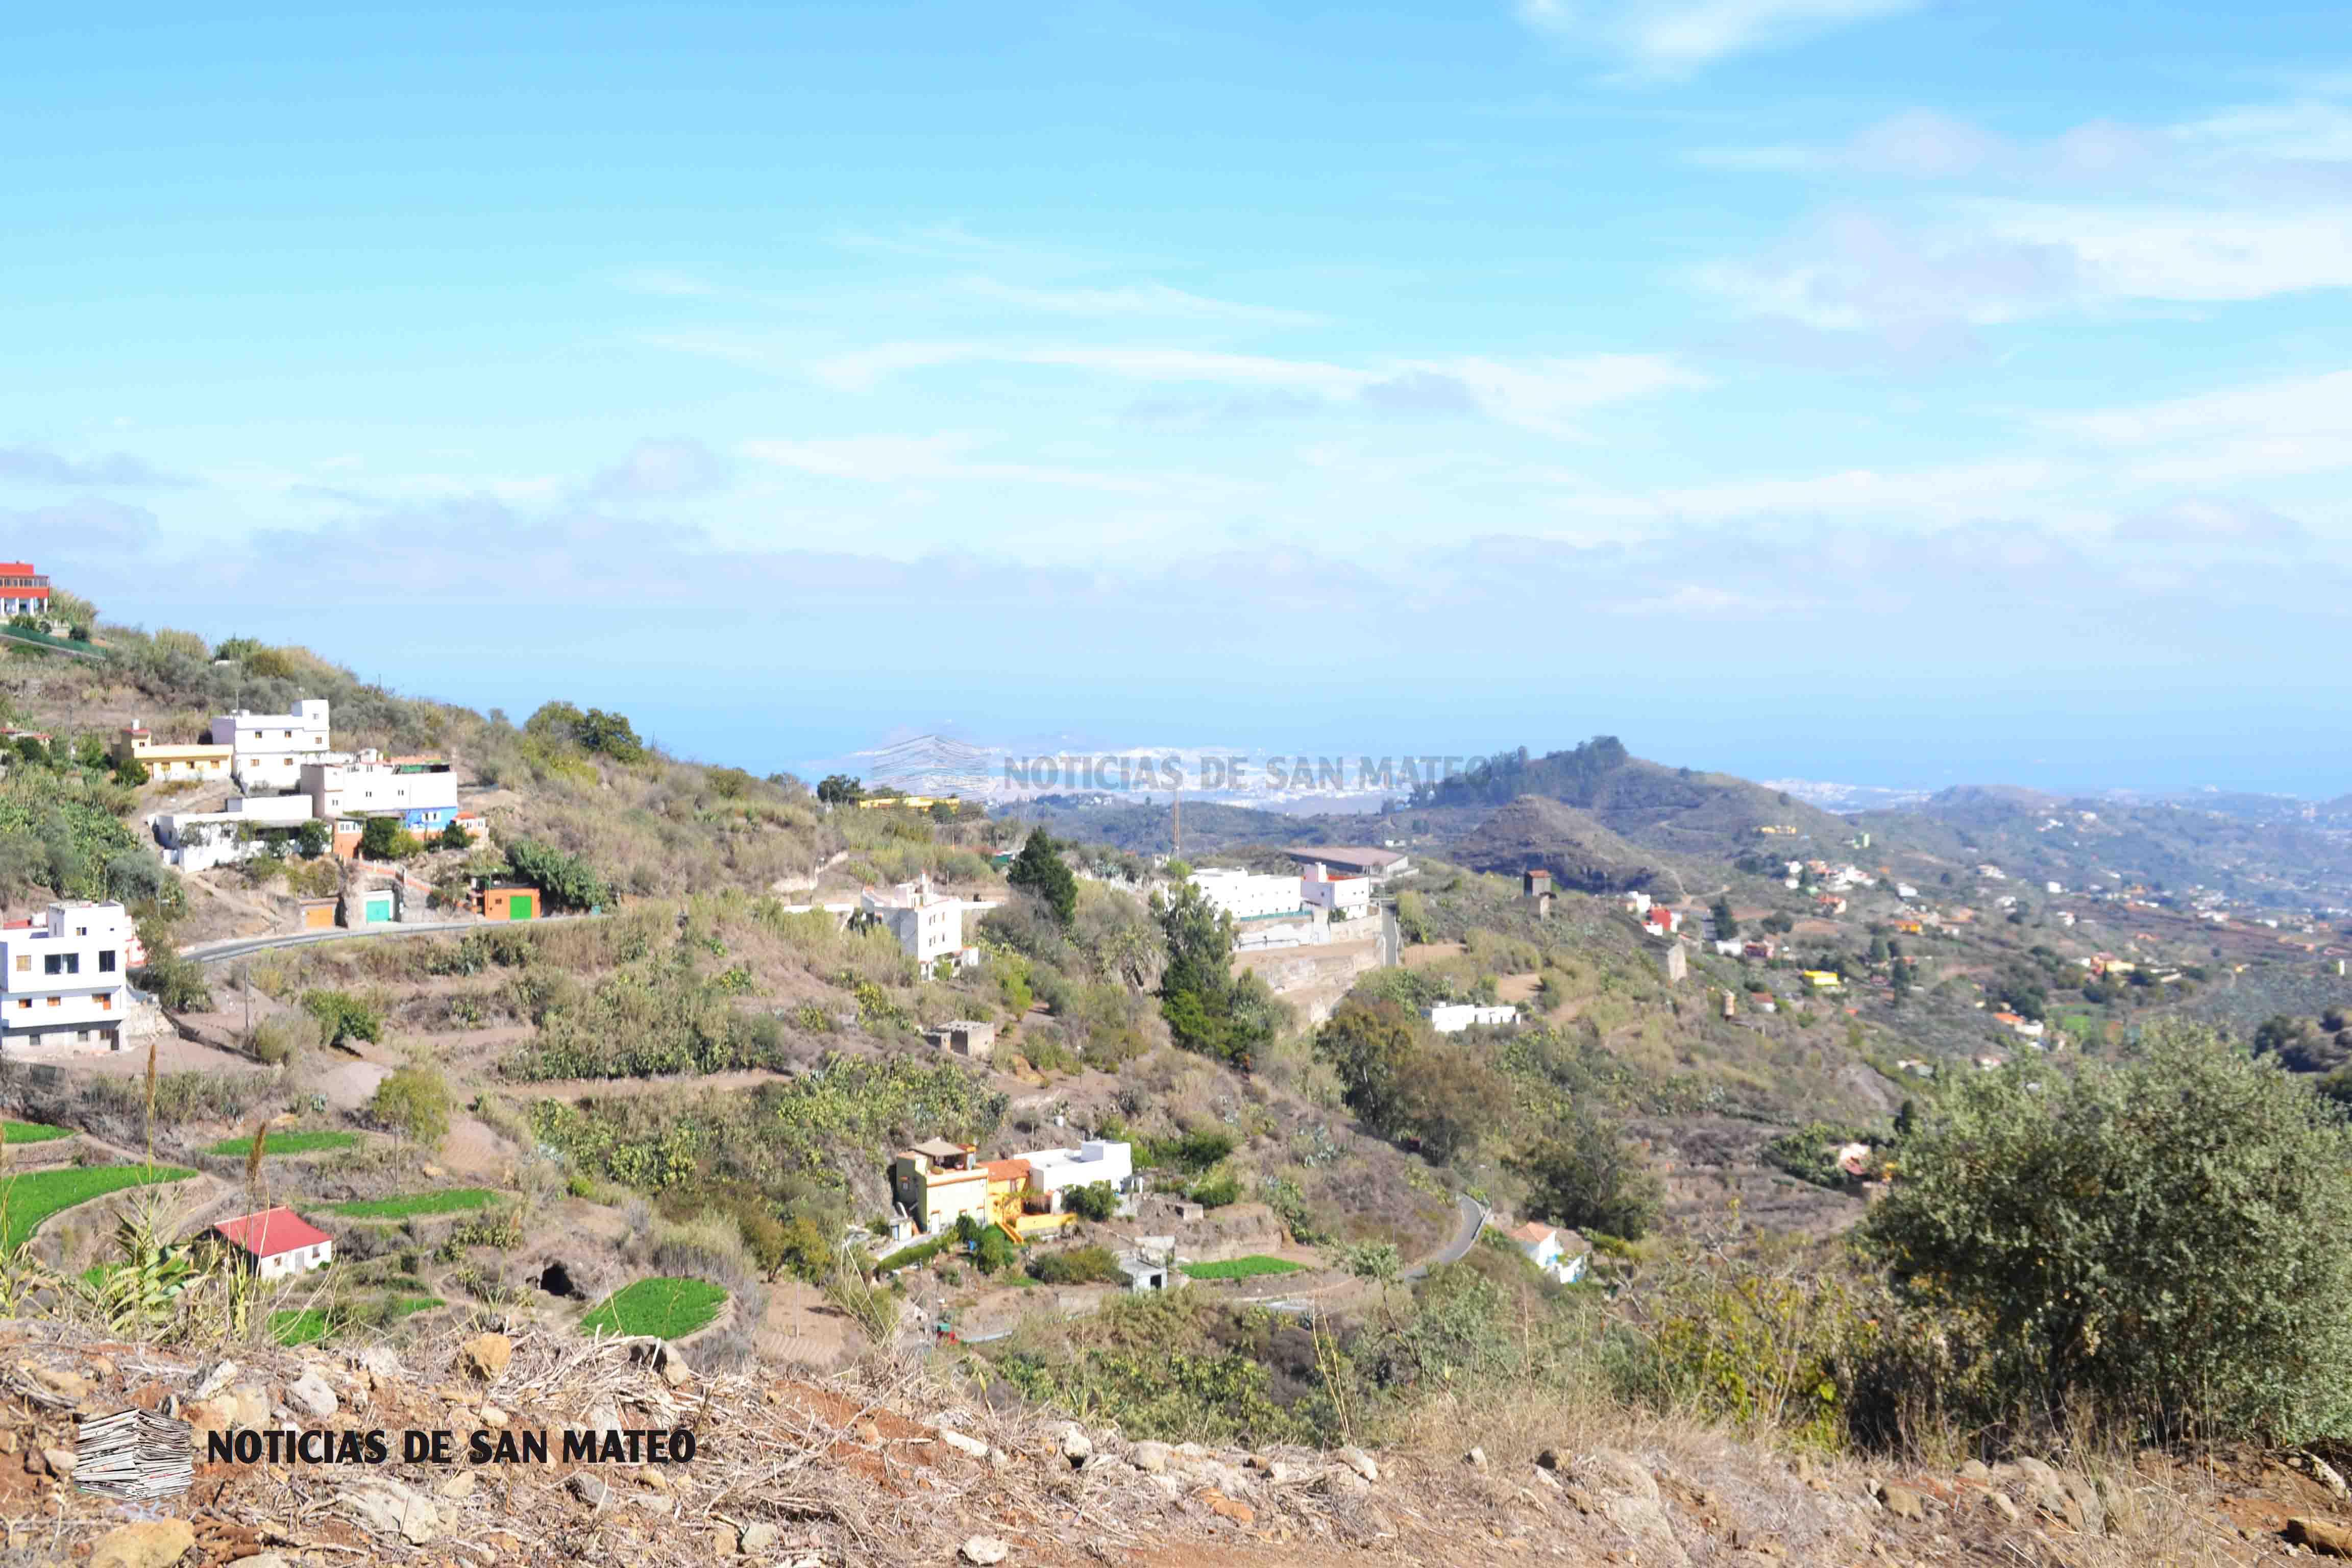 Foto Arinez 2 de noviembre de 2017 Foto Laura Miranda Noticias de San Mateo